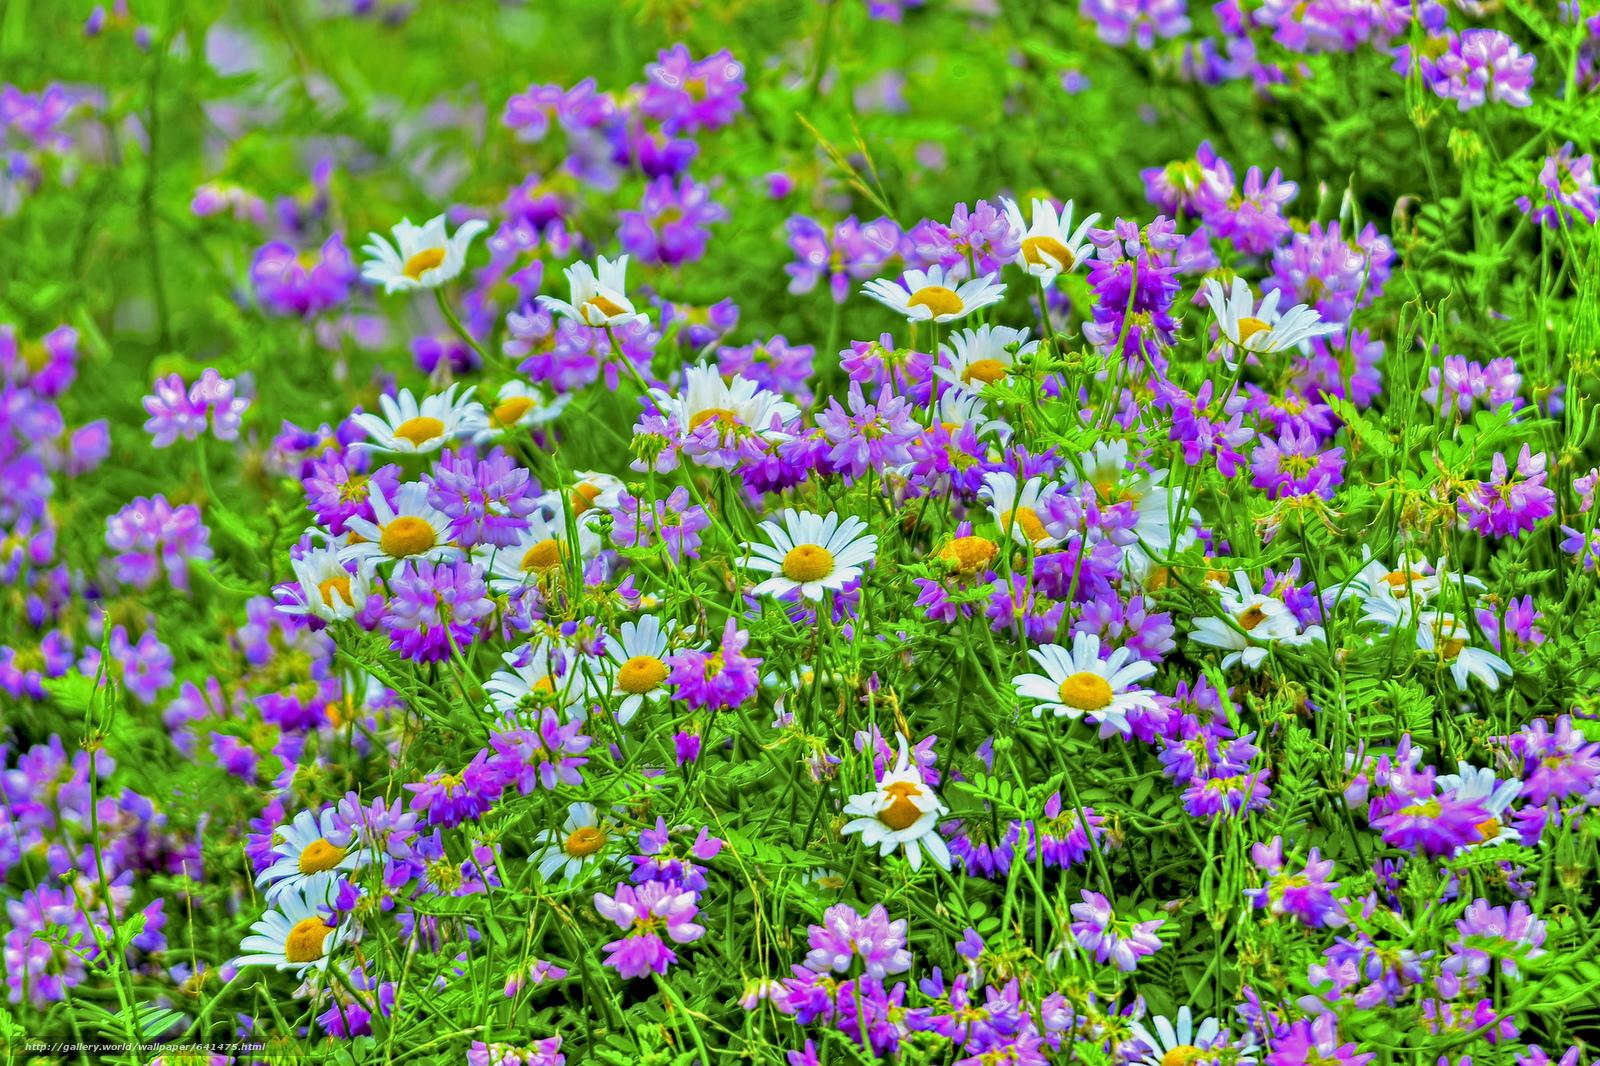 Скачать обои поле,  цветы,  ромашки,  флора бесплатно для рабочего стола в разрешении 2048x1365 — картинка №641475